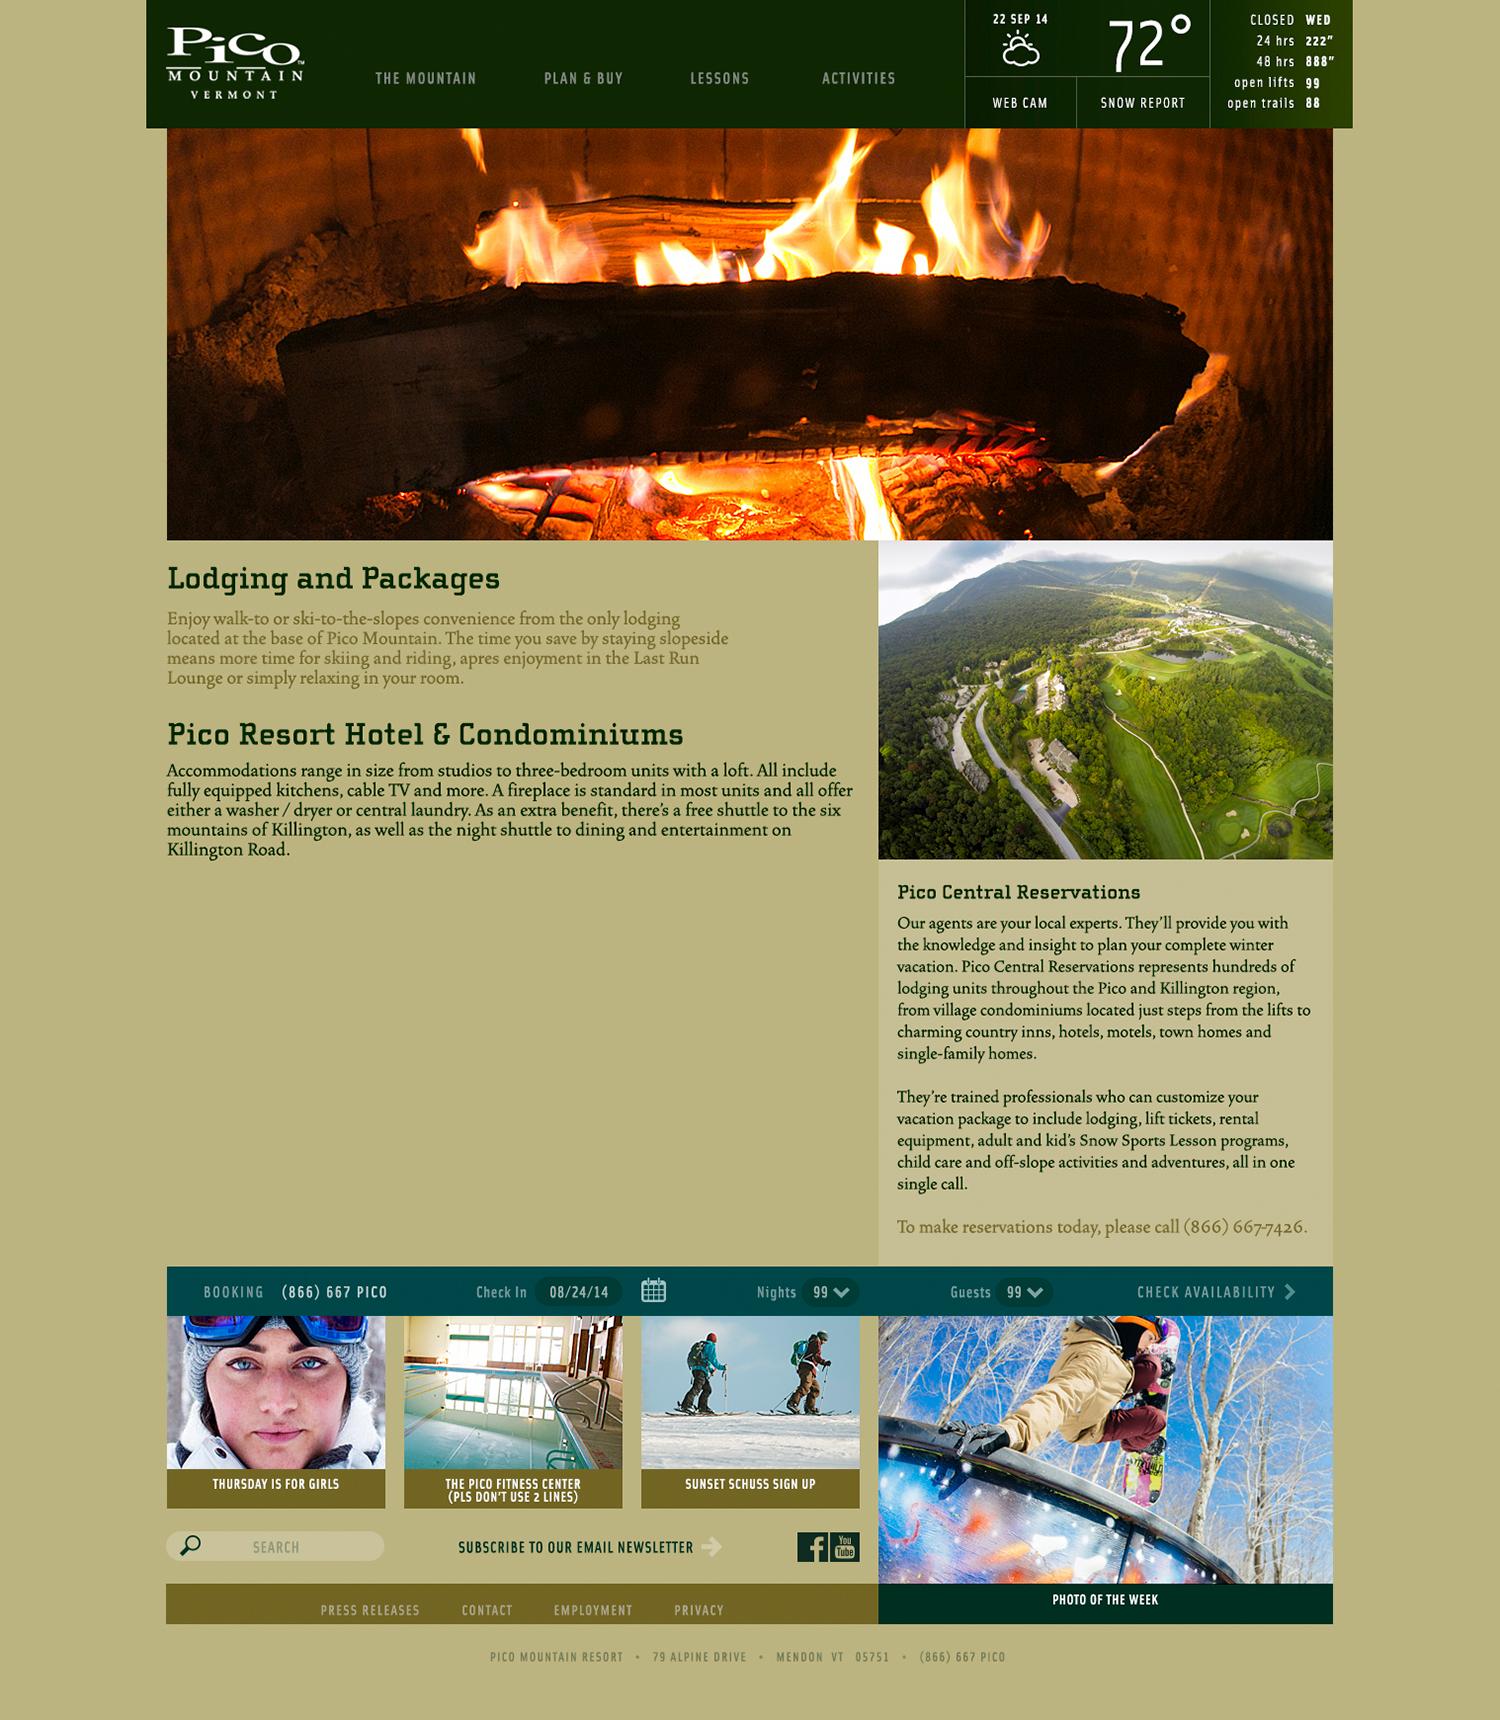 Pico Mountain Website Design